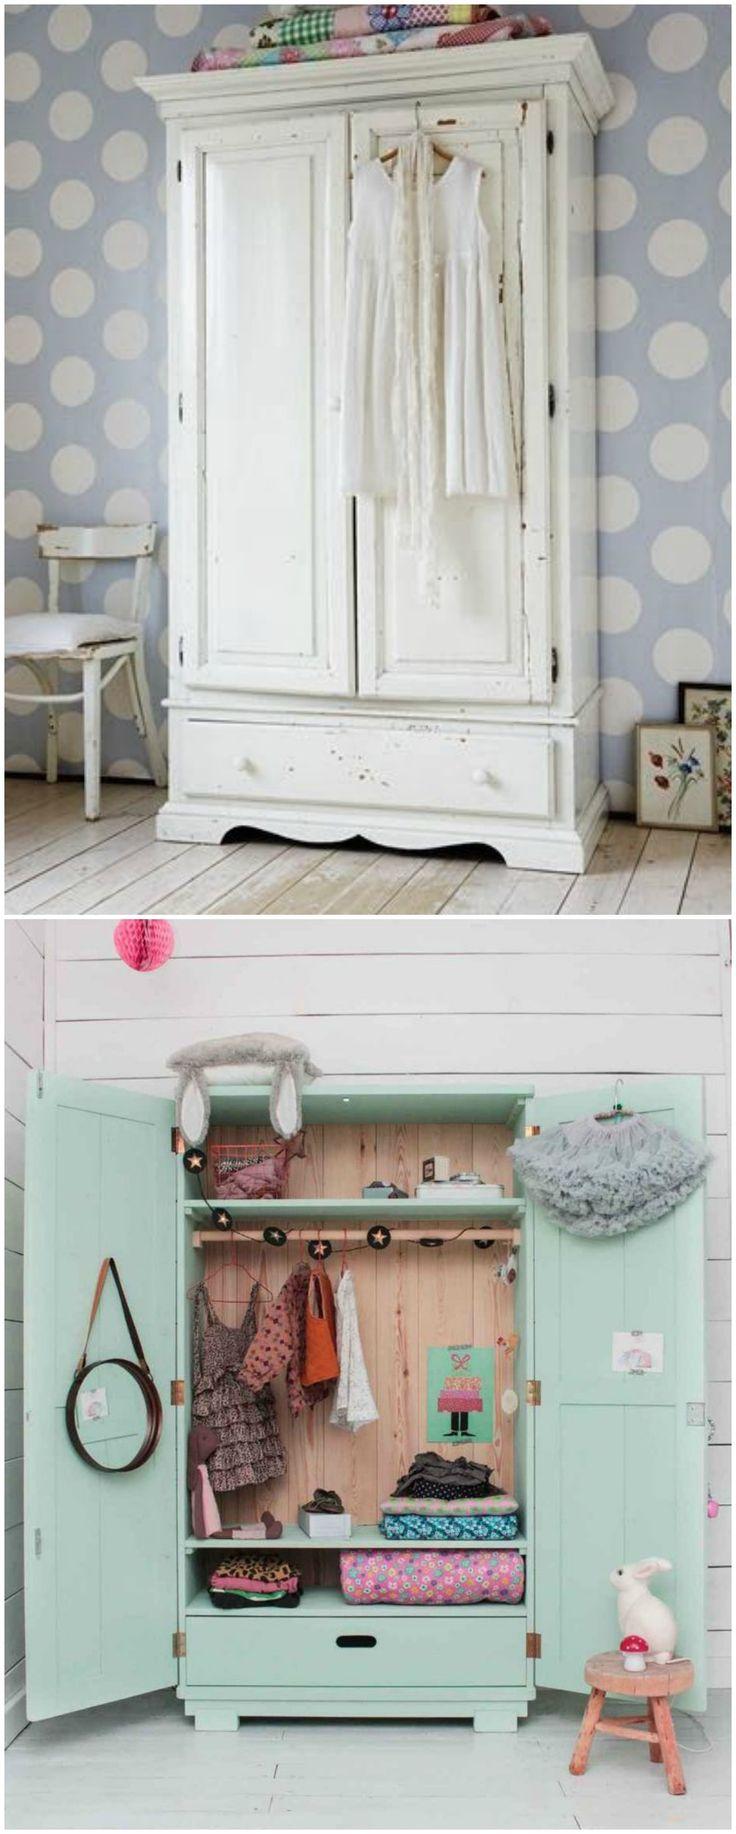 M s de 25 ideas fant sticas sobre muebles antiguos en - Muebles restaurados vintage ...